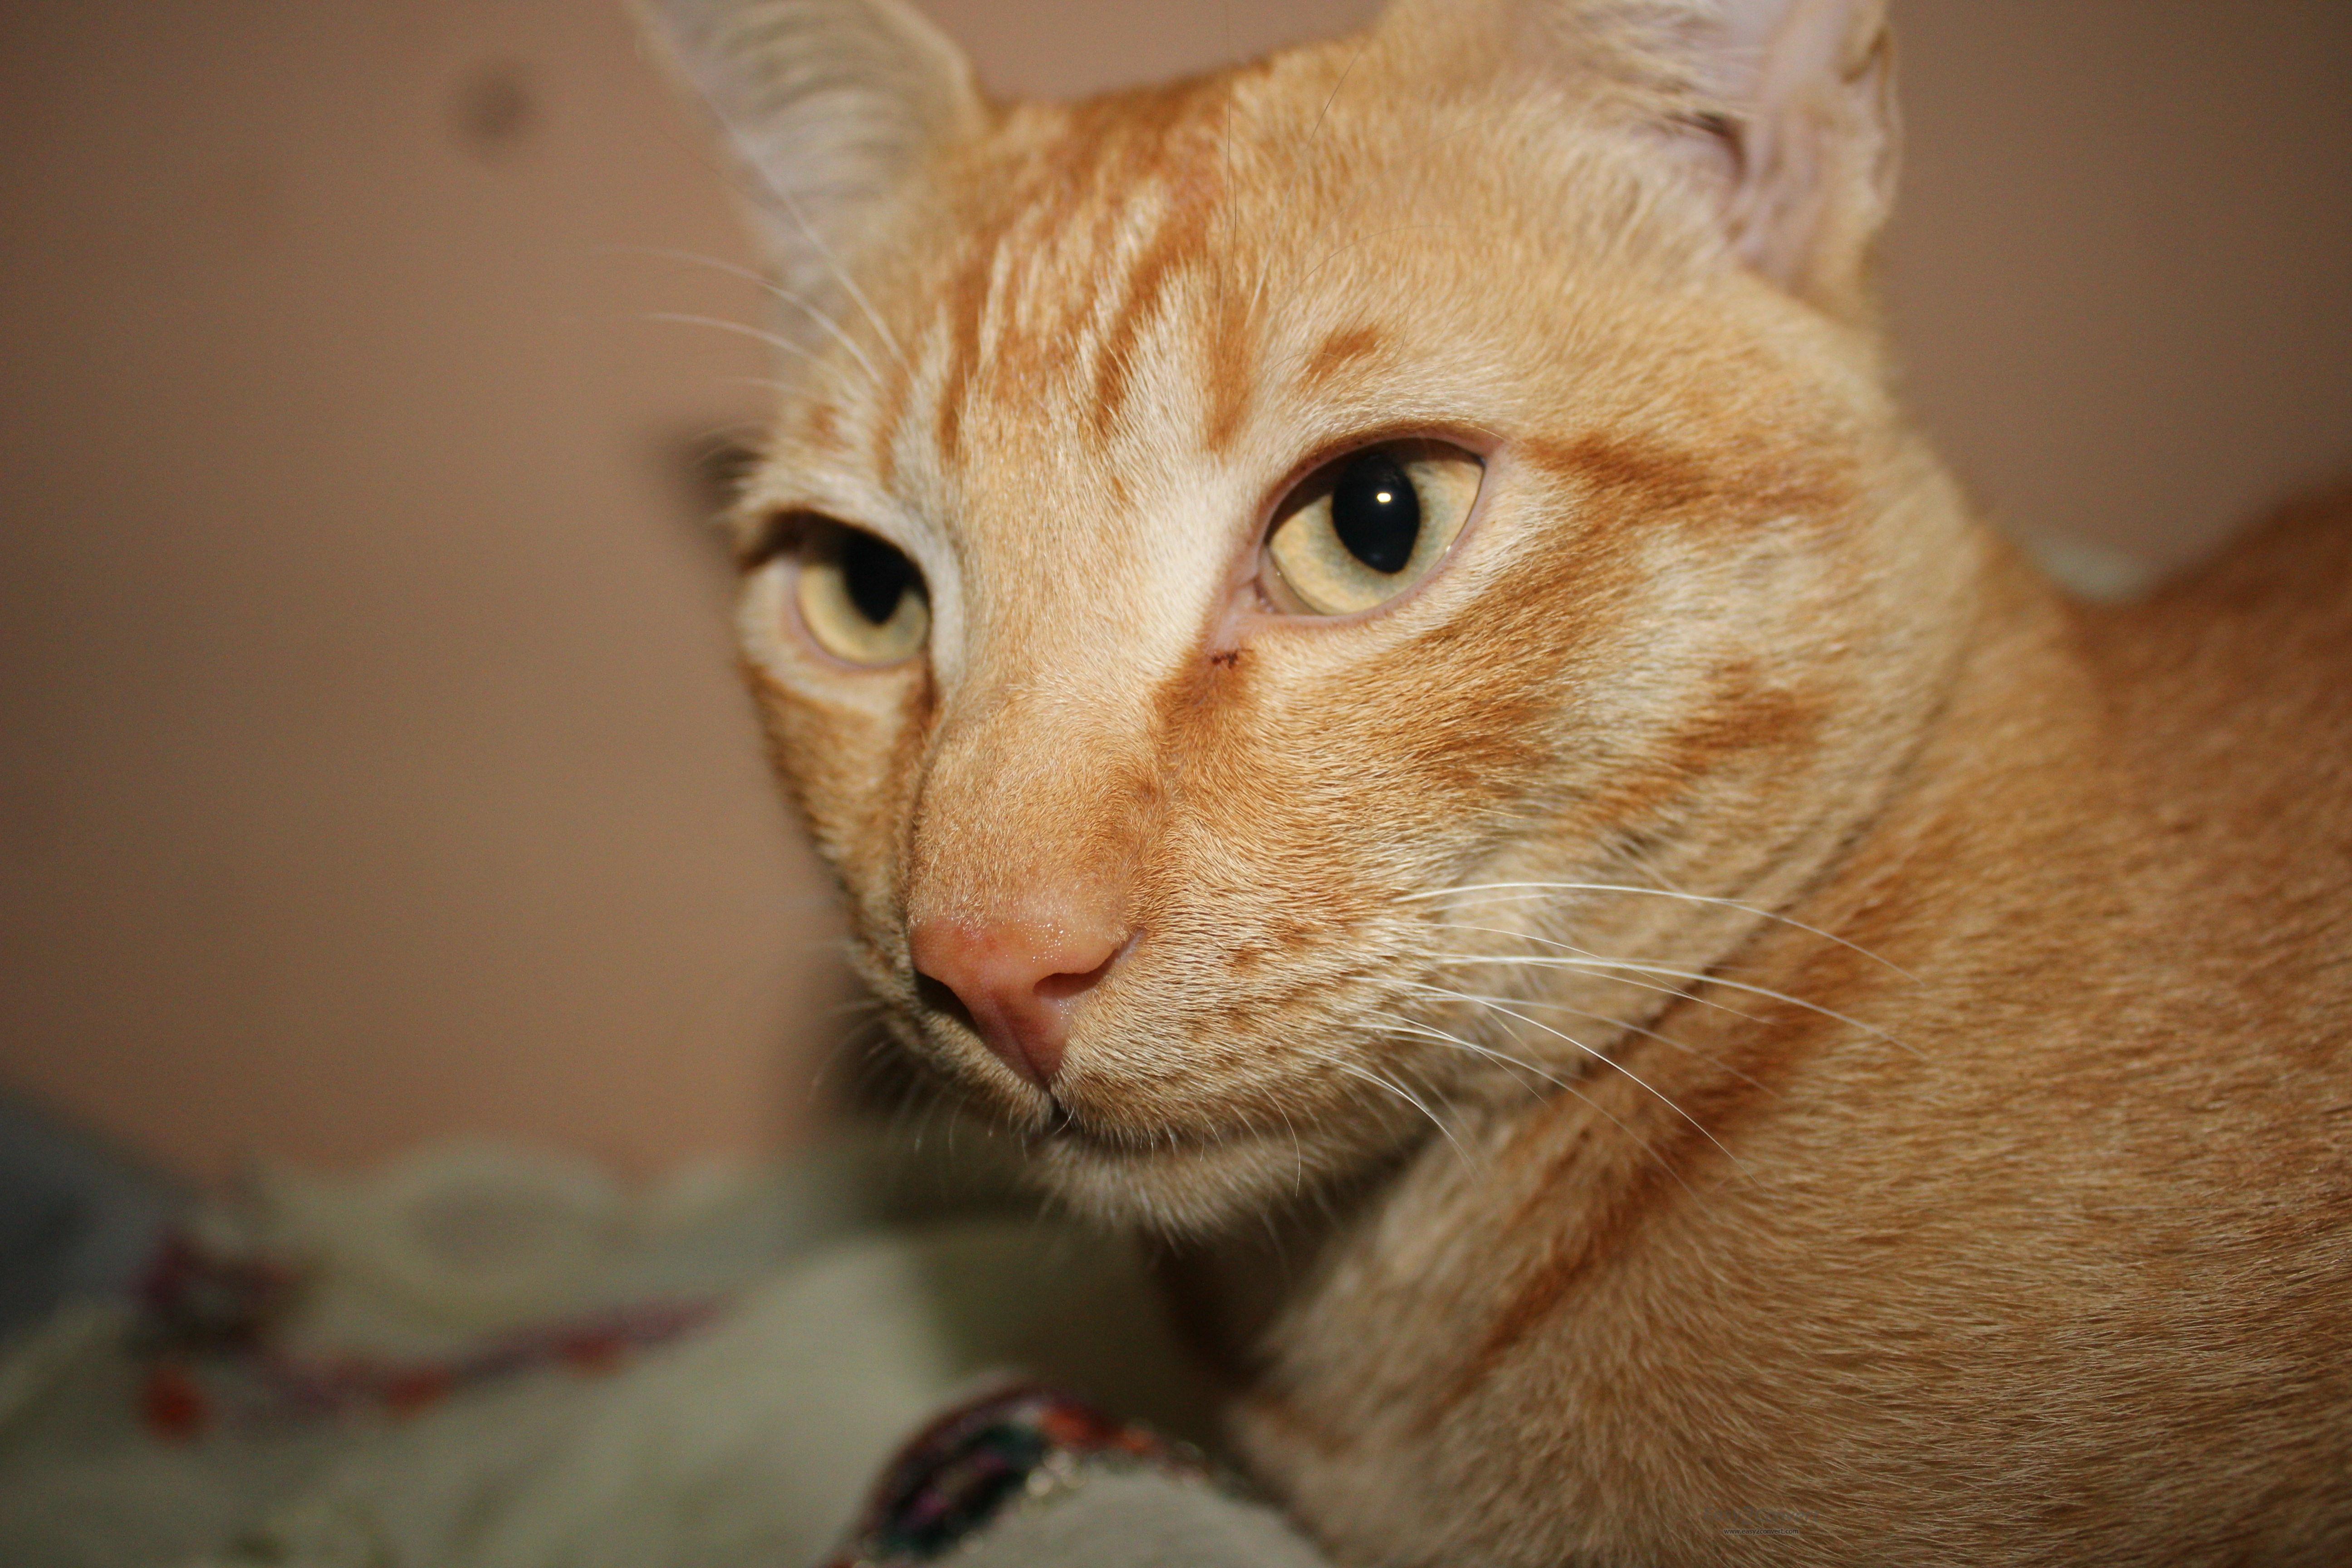 Darmowe Zdjęcia Kotek Fauna ścieśniać Nos Wąsy Pysk Skóra